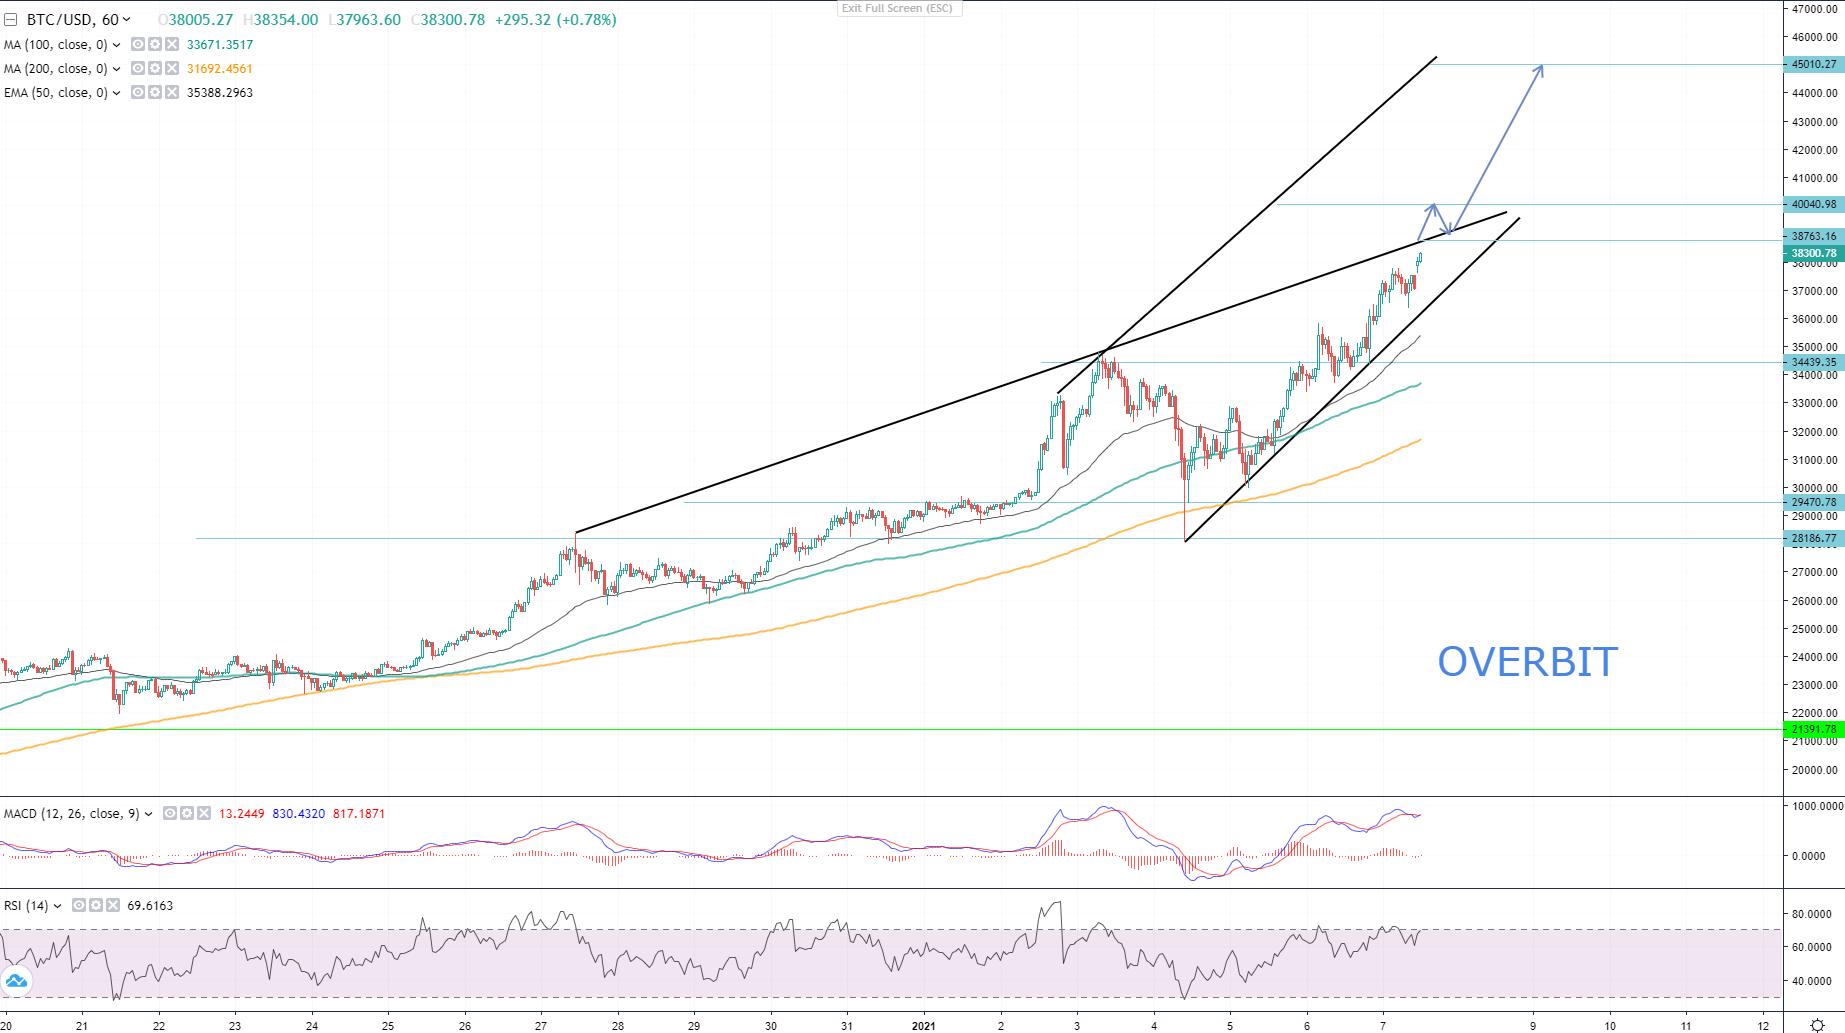 Bitcoin price on Overbit